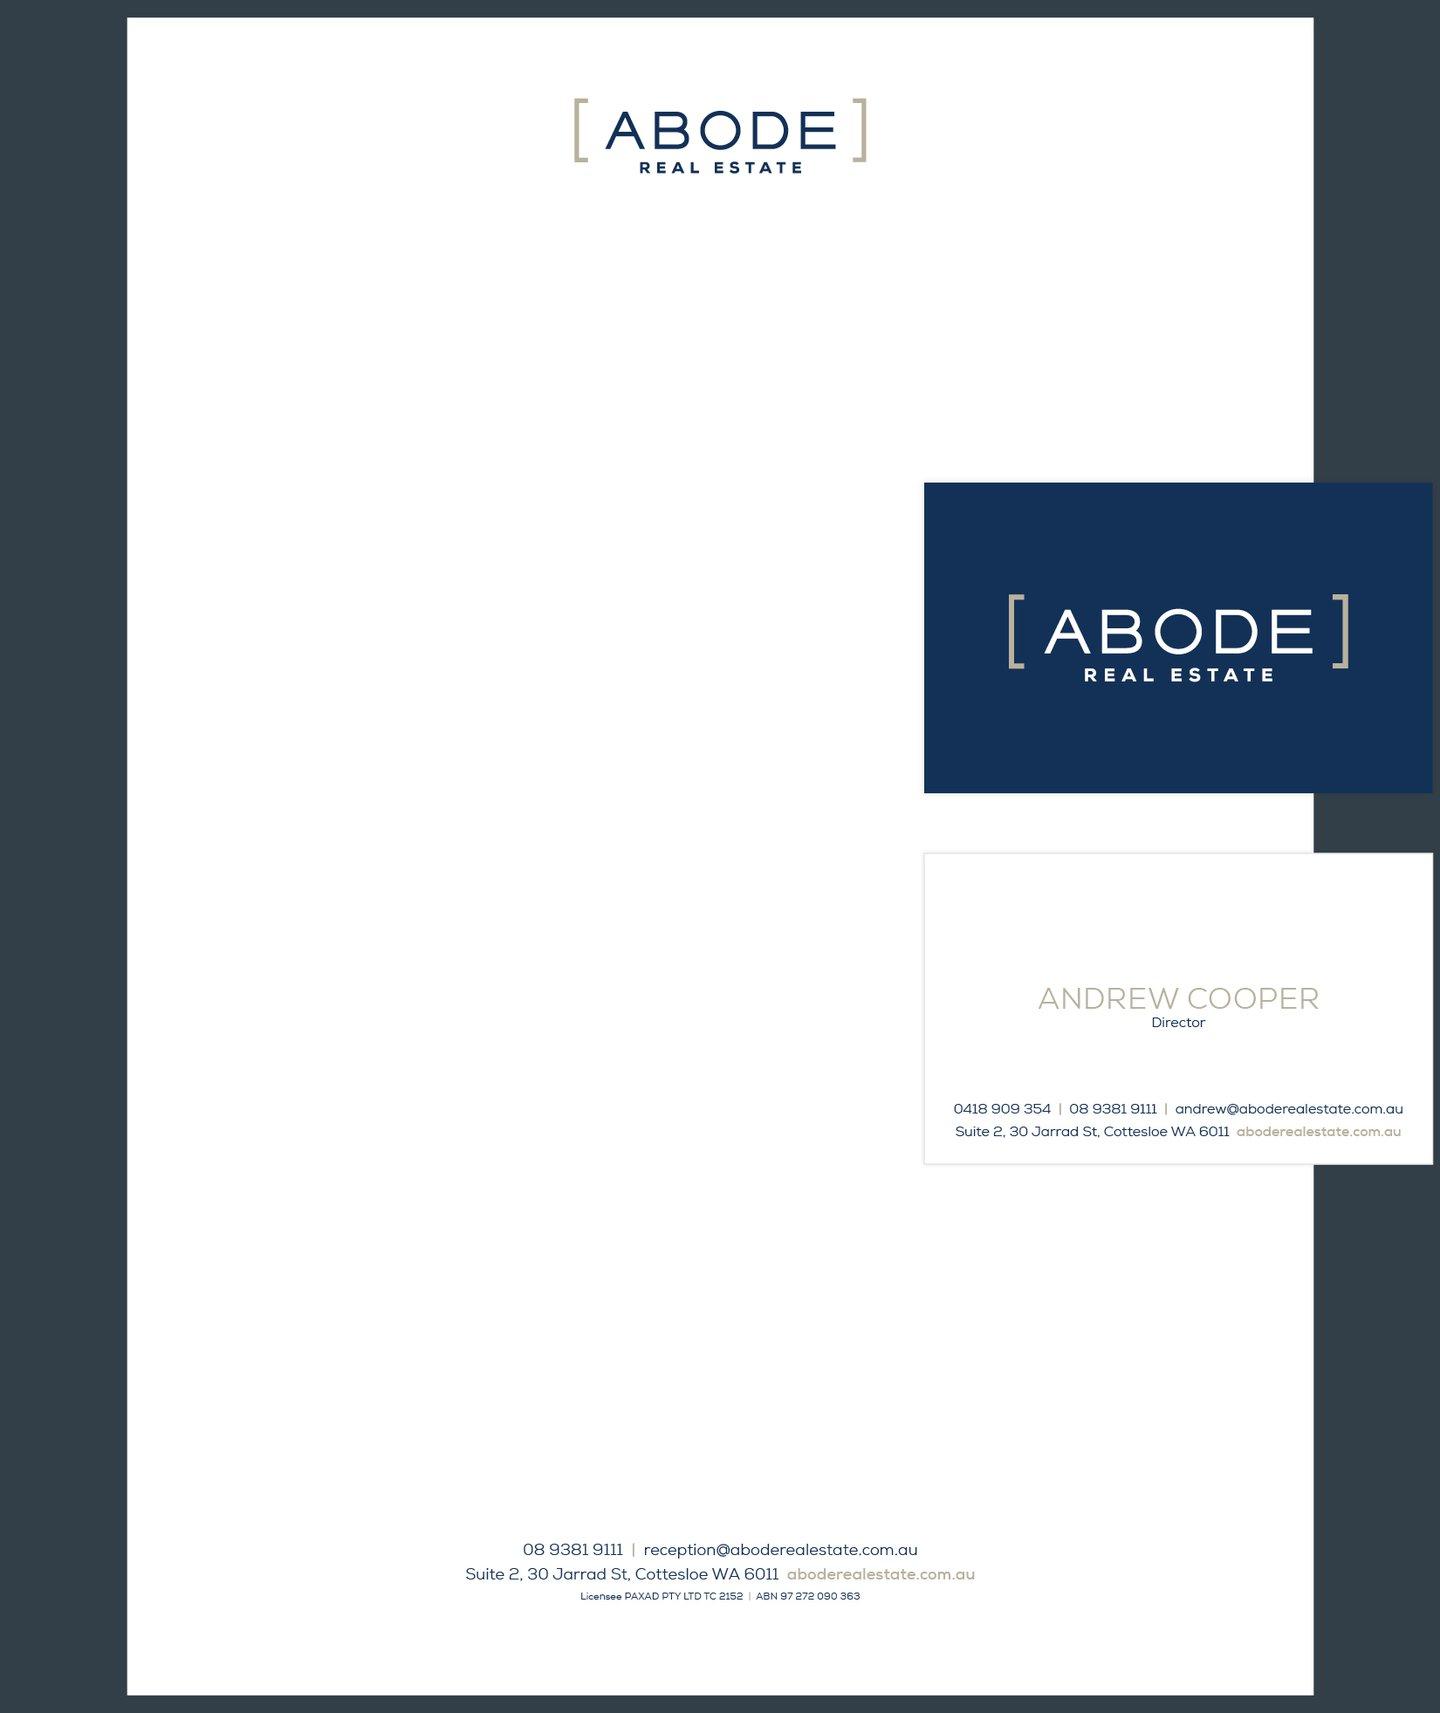 Abode-Project-v2-2.jpg